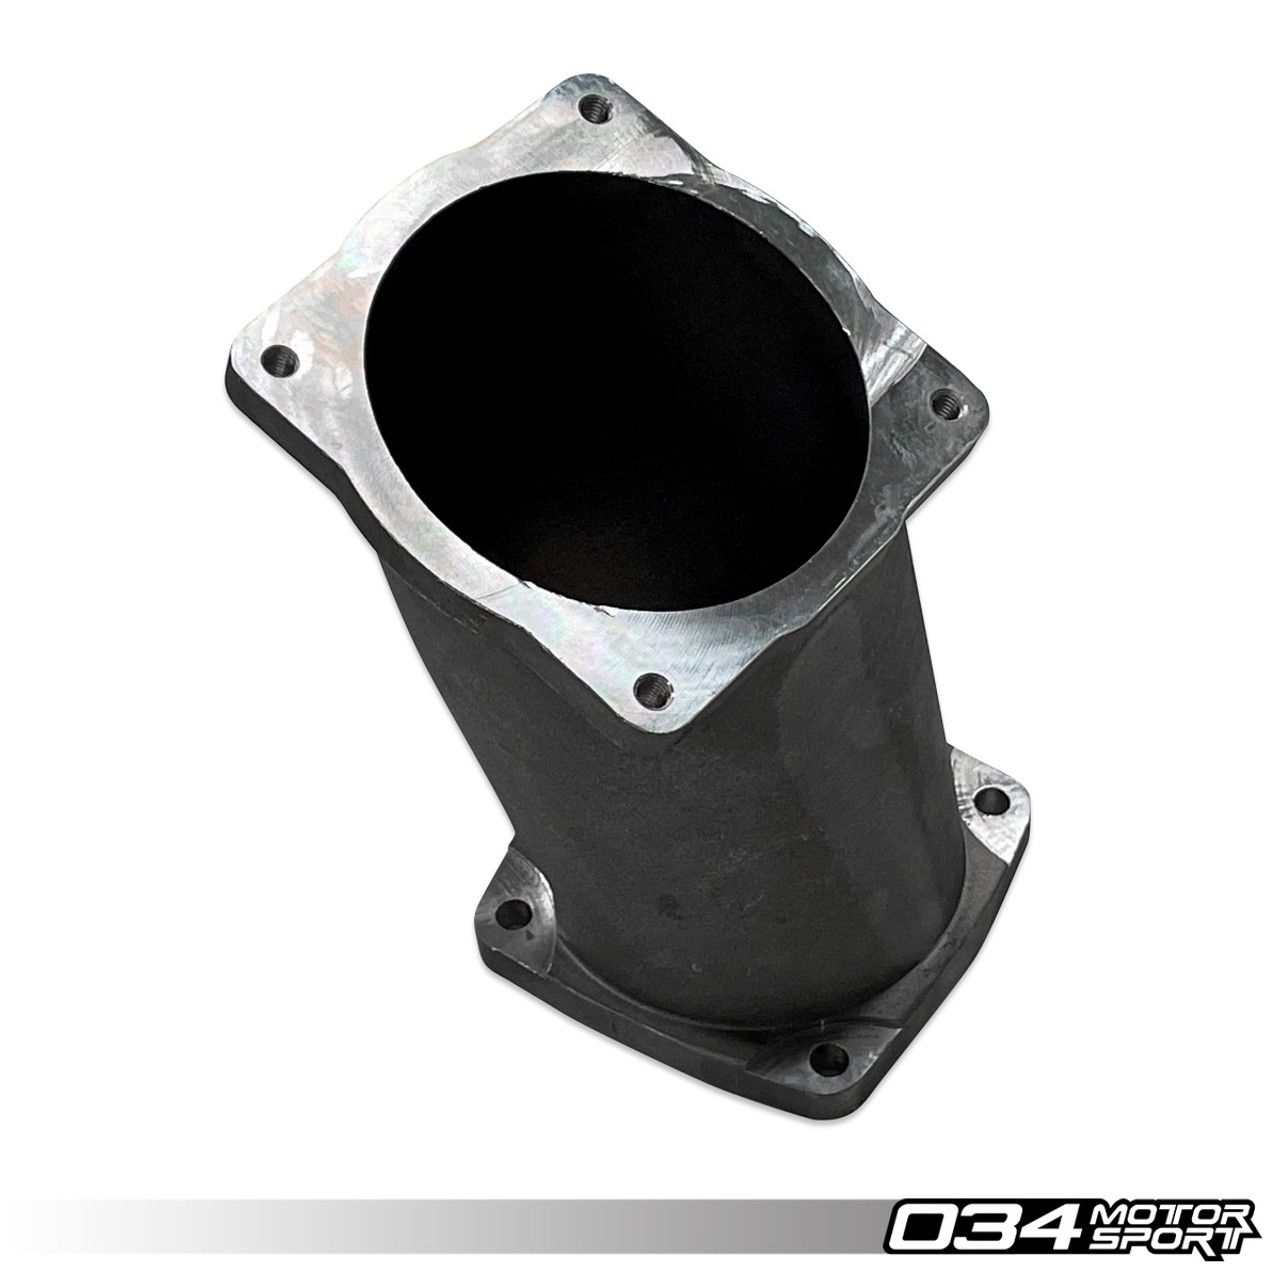 034Motorsport SüperDüper Charger Throttle Body Adapter for B8 3.0T